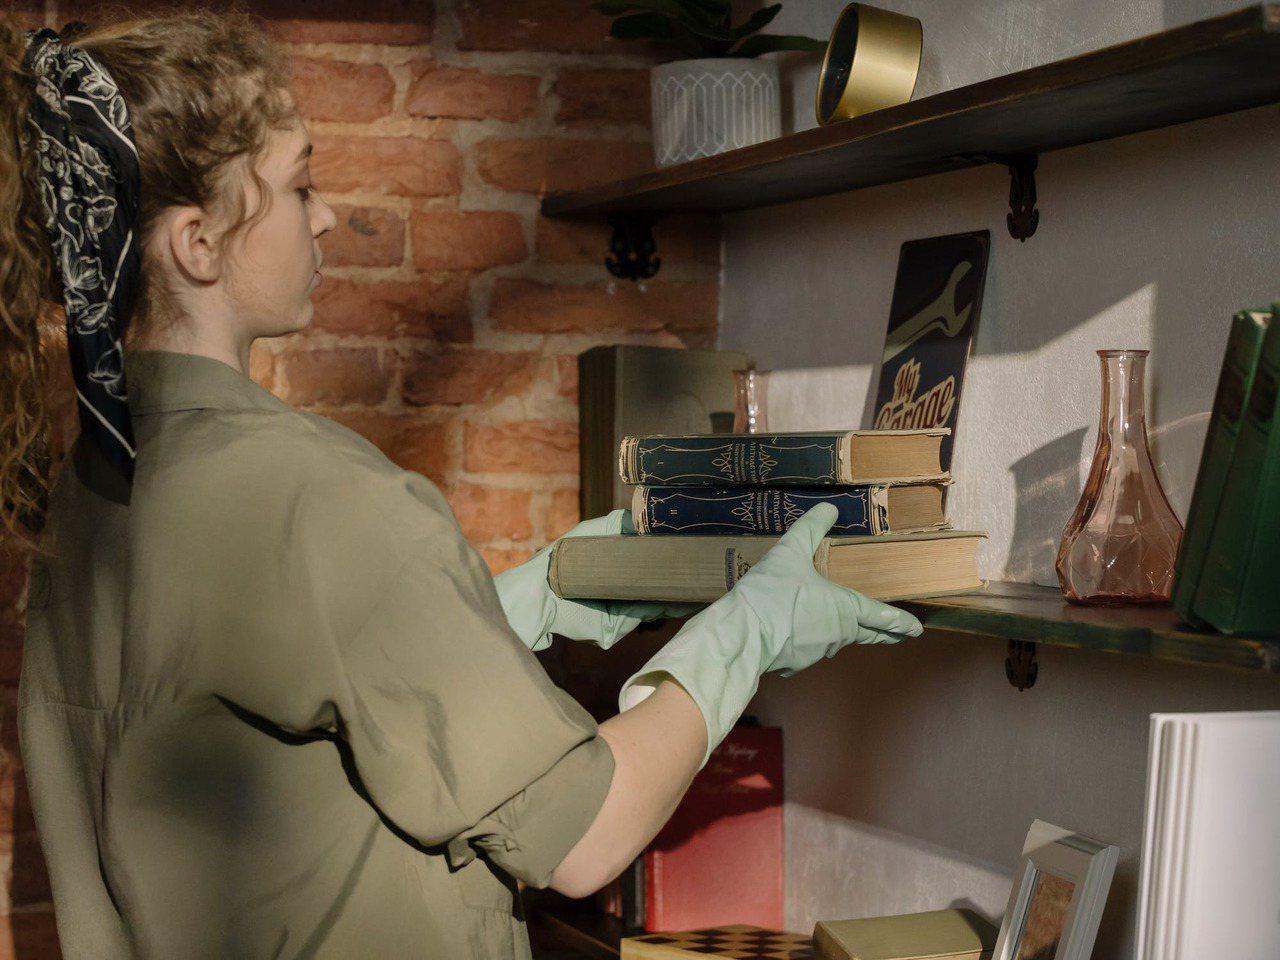 無法直接解決雜亂的物品,但又必須要維持整潔的兩難,建議準備每個人專用的收納抽屜或...